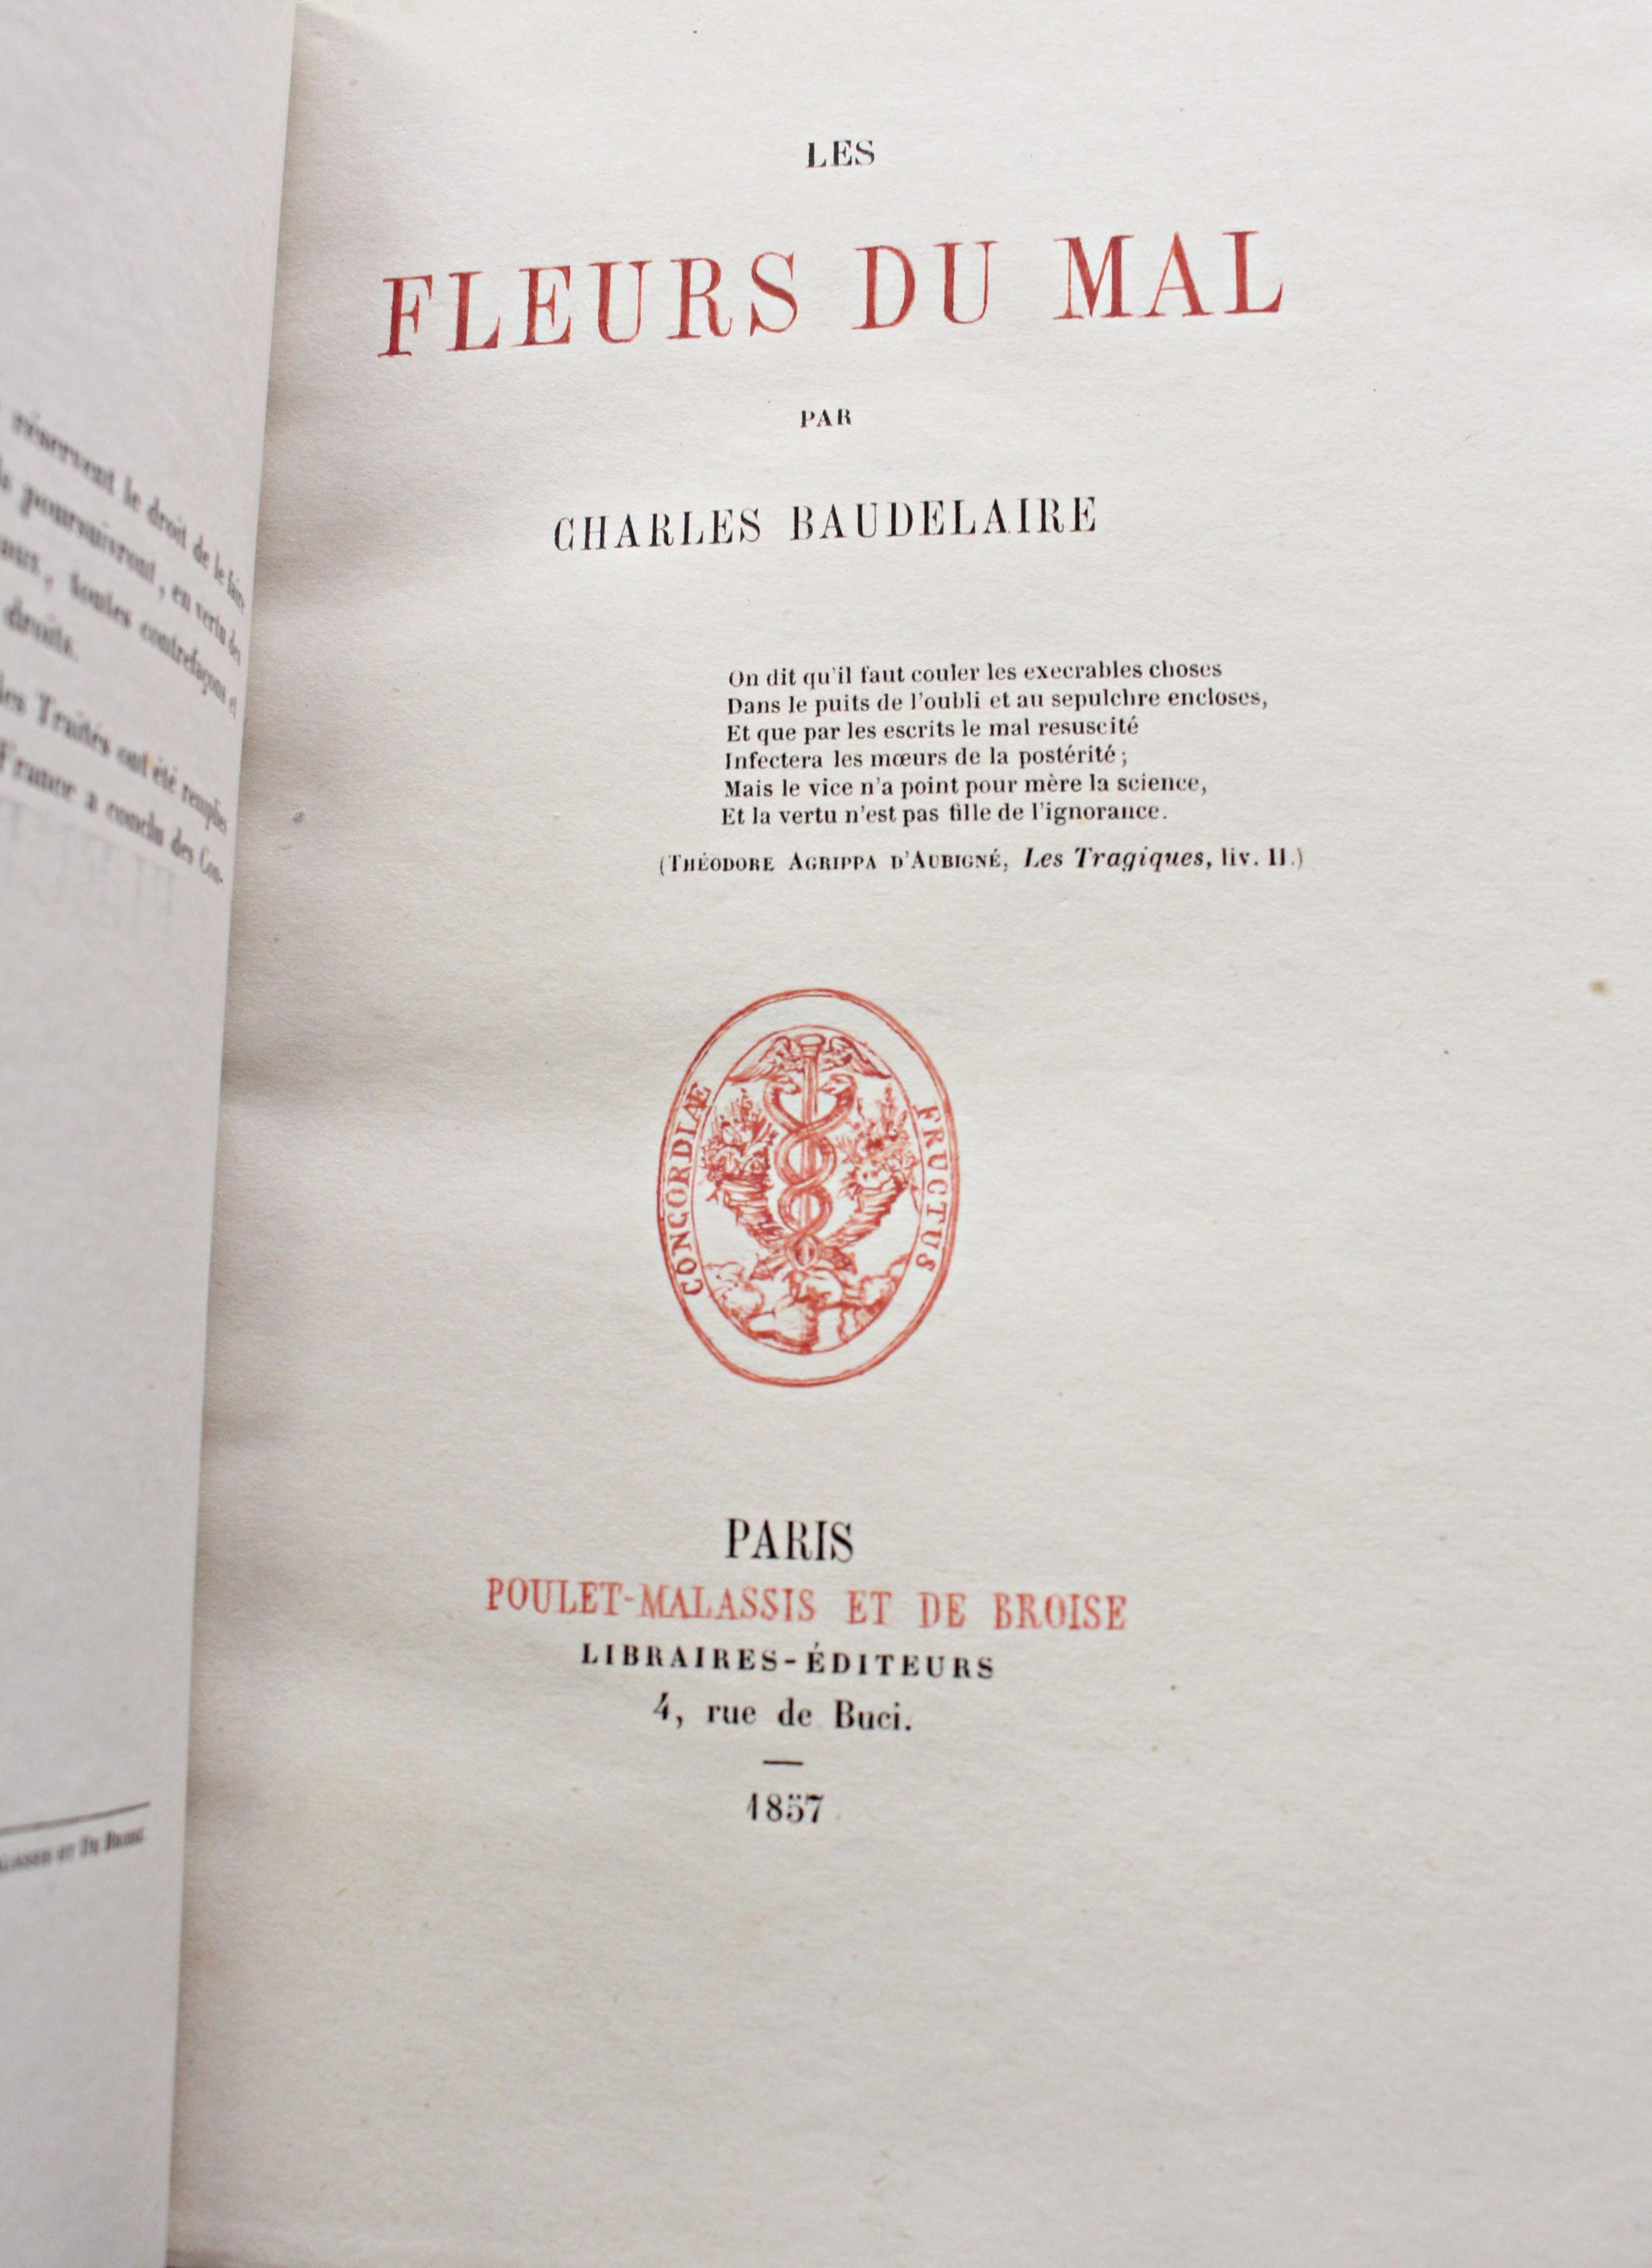 Baudelaire Les Fleurs du mal 1857 Page de titre